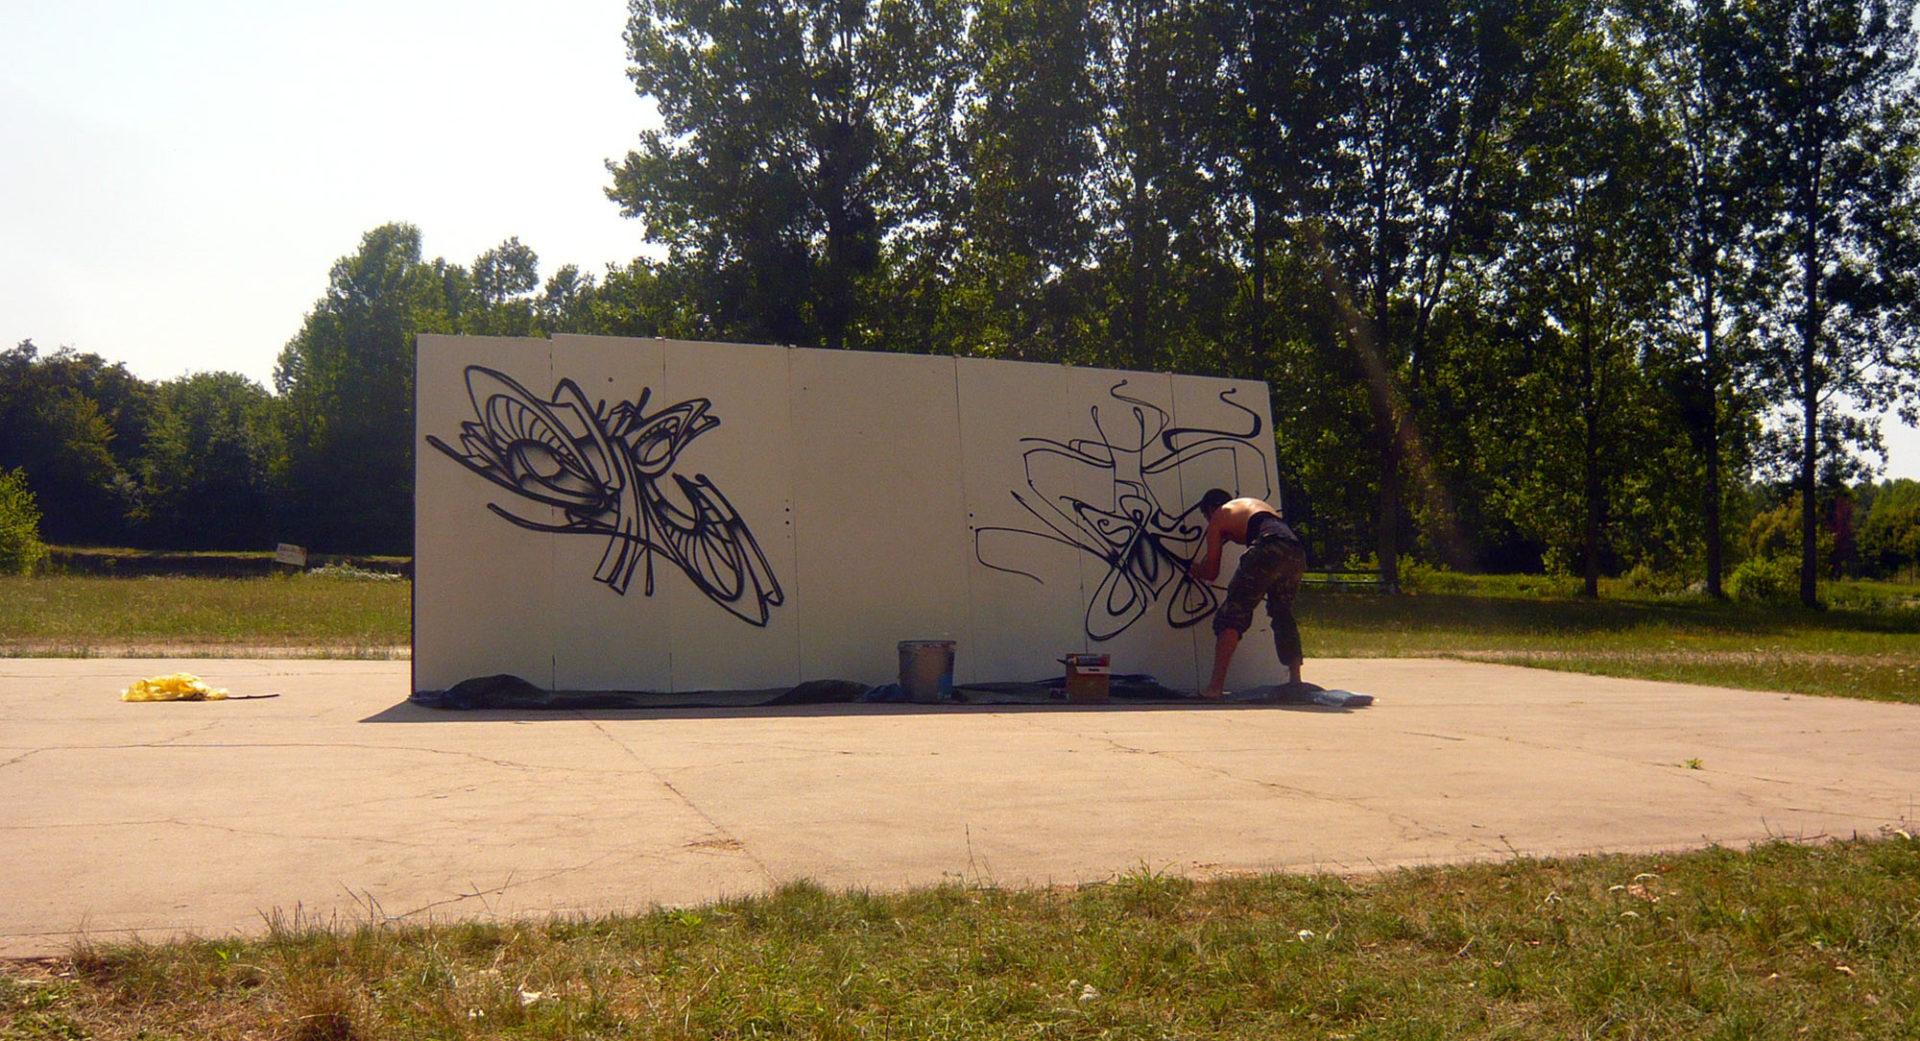 Waro & Deft  - palluau sur indre - Graffiti